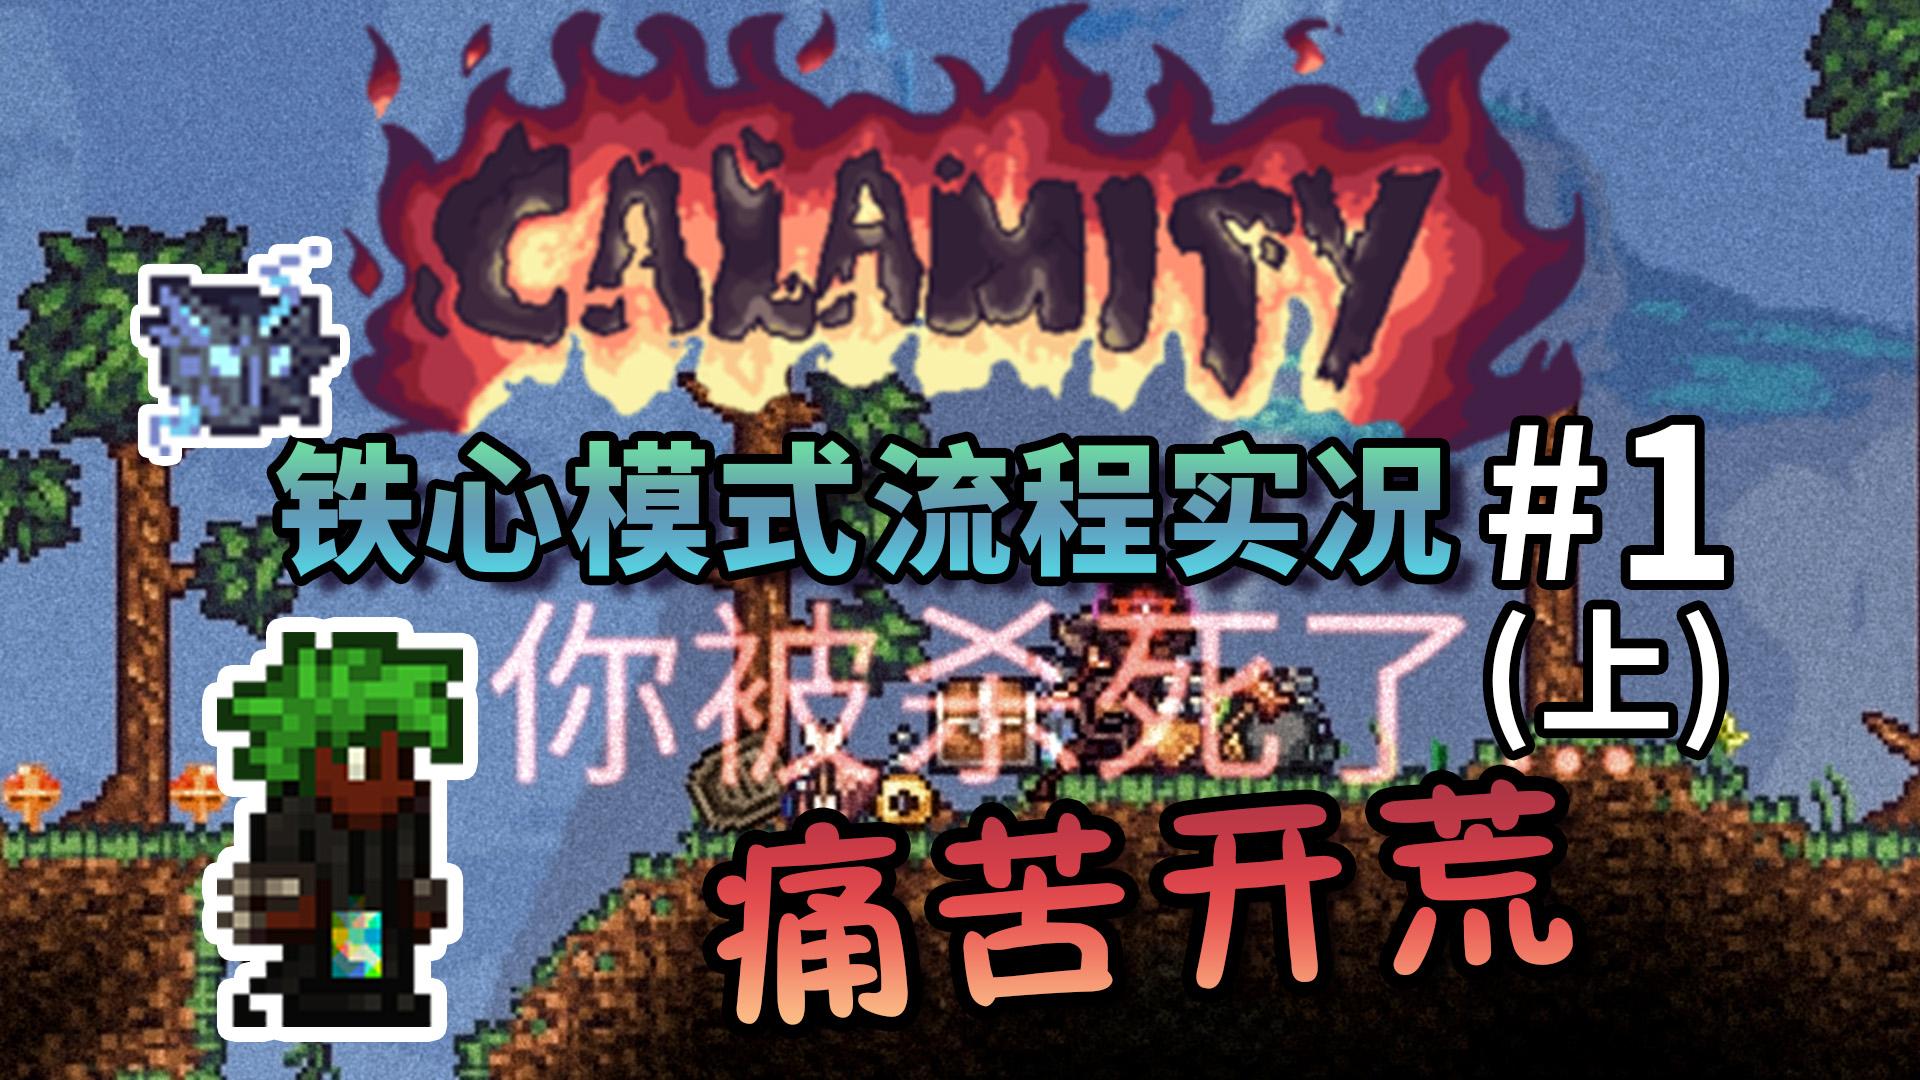 【丁菊长】痛苦的开荒【泰拉瑞亚 terraria】灾厄Calamity铁心模式流程实况解说第1期上